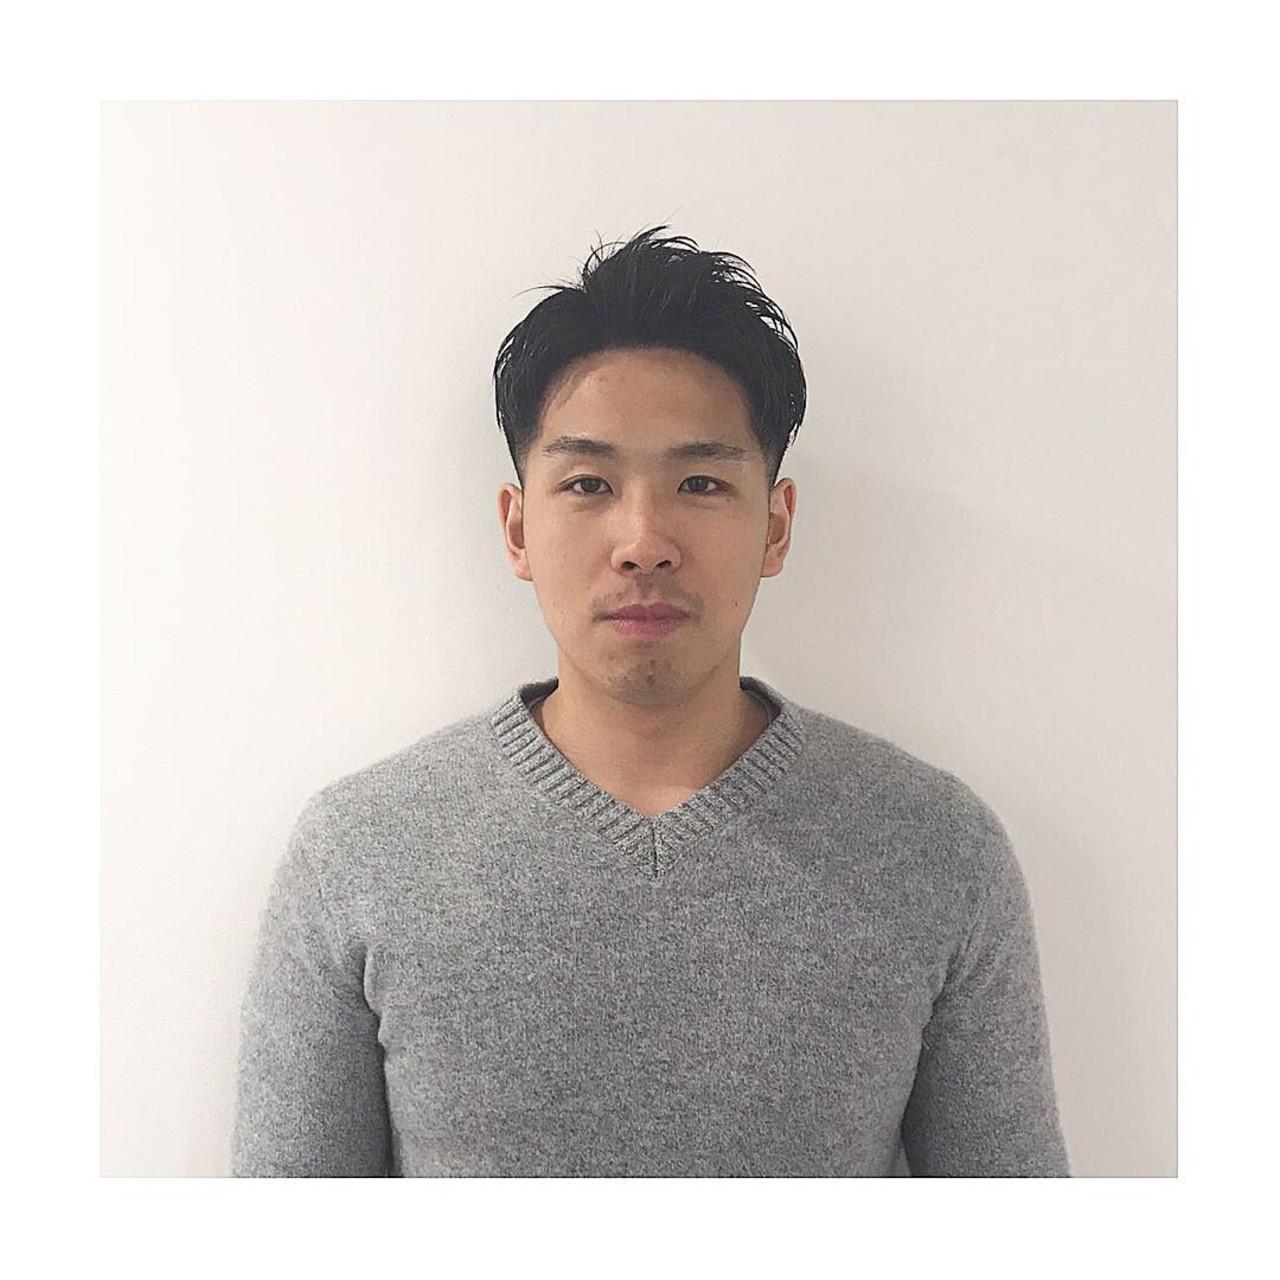 コンサバ メンズヘア ショート メンズショート ヘアスタイルや髪型の写真・画像